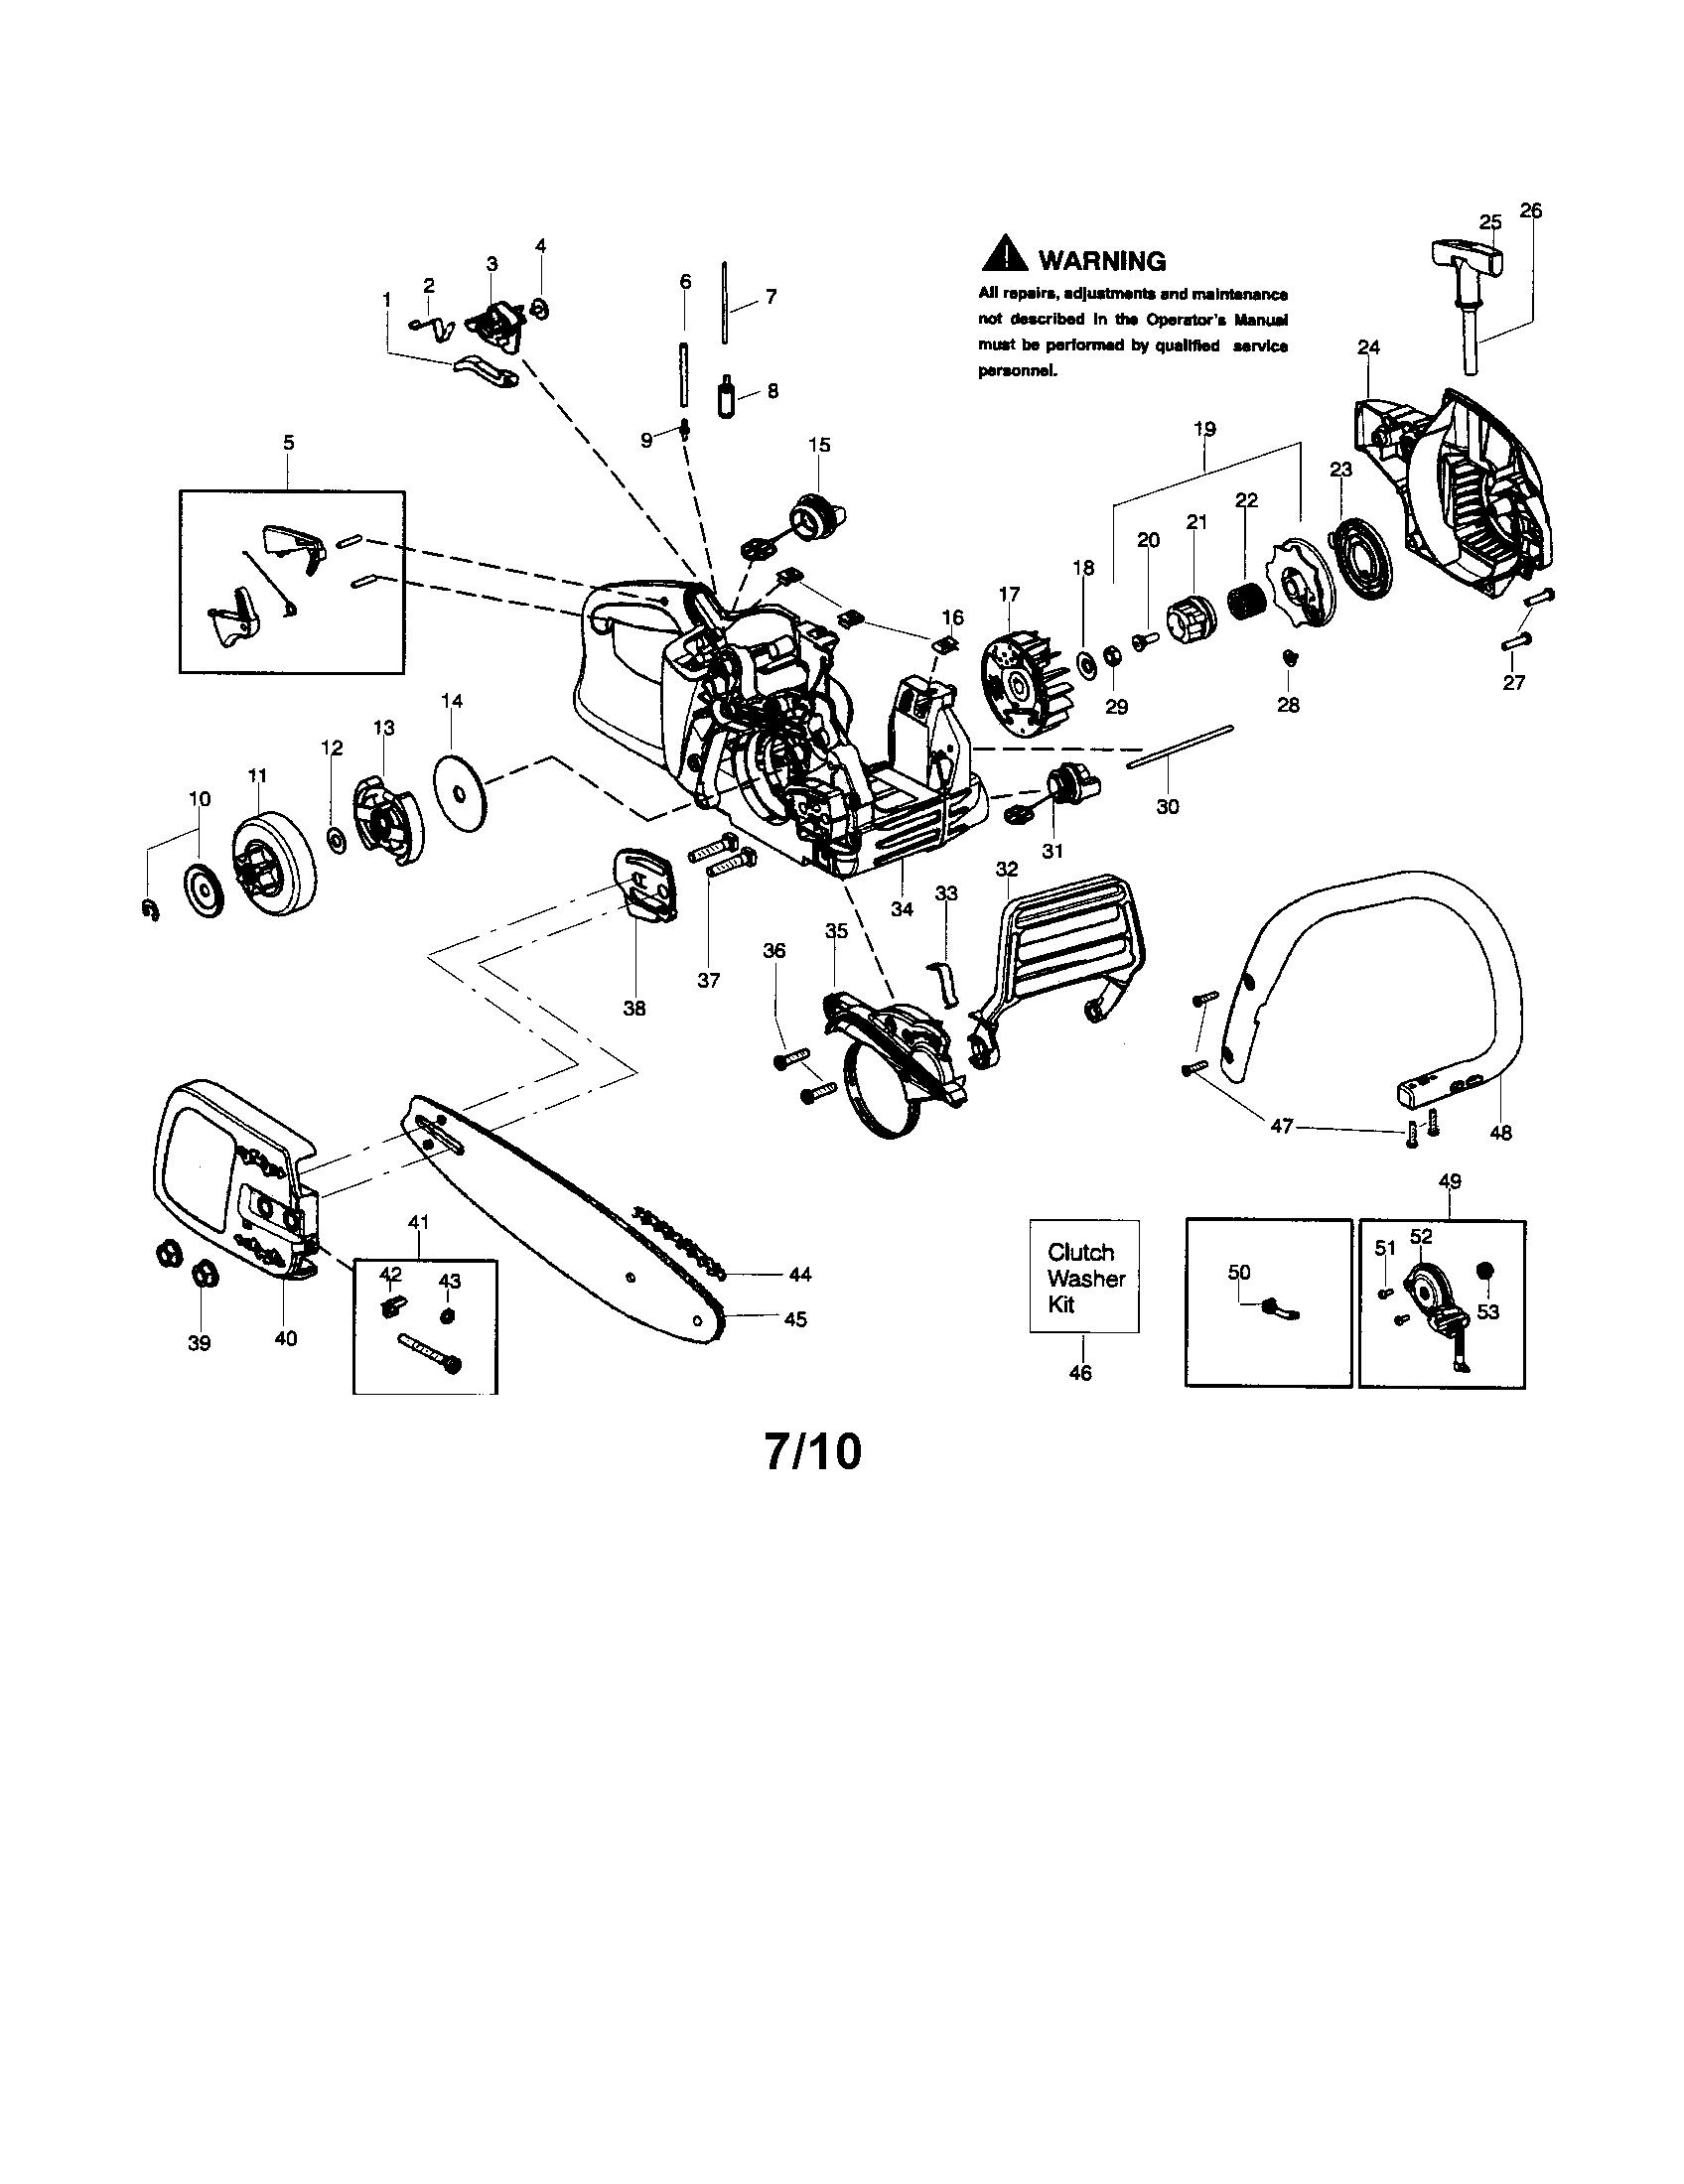 Mcculooch 3200 Mac Chainsaw Manual